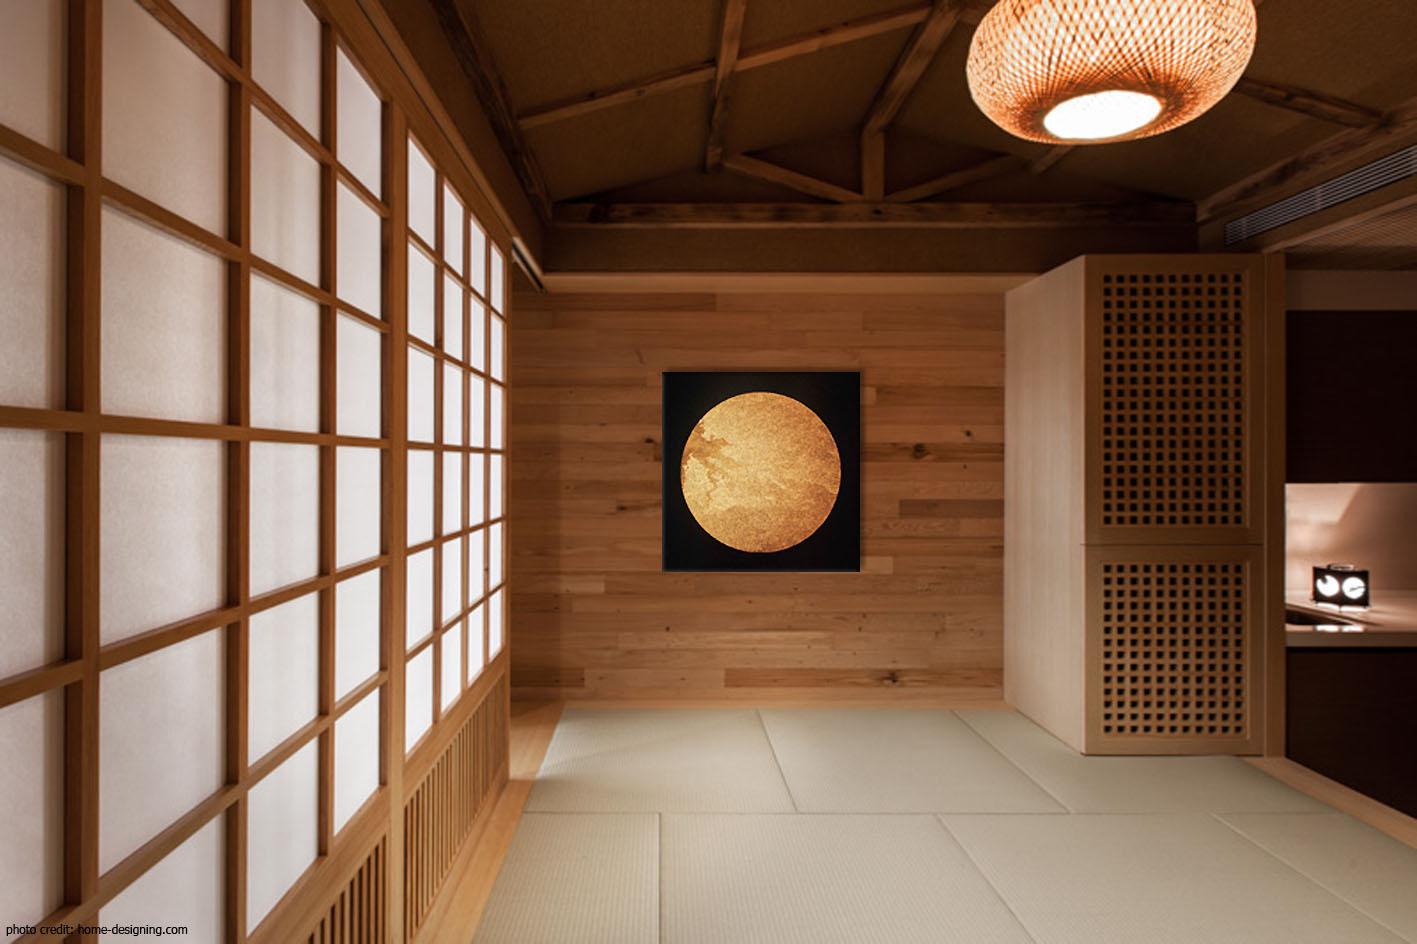 concept 2 Zen.jpg